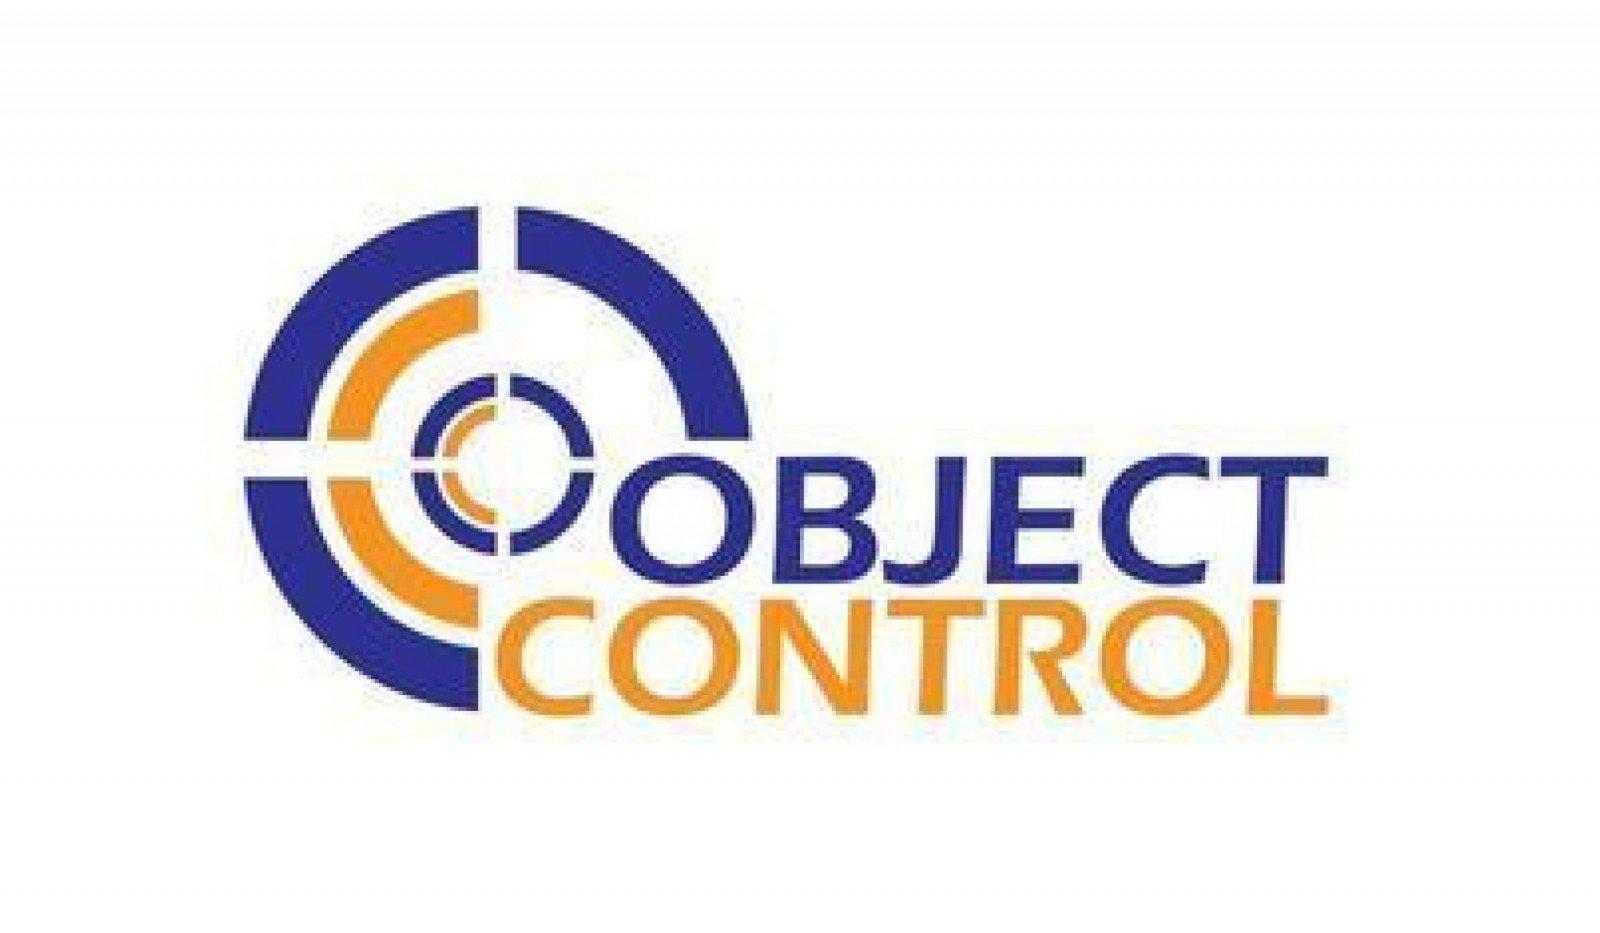 Object Control – de website voor veiligheidsproducten voor uw schip, boot, sloep, jacht, camper, oldtimer, crossmotor, sportwagen of welk geliefd (mobiel) object dan ook!